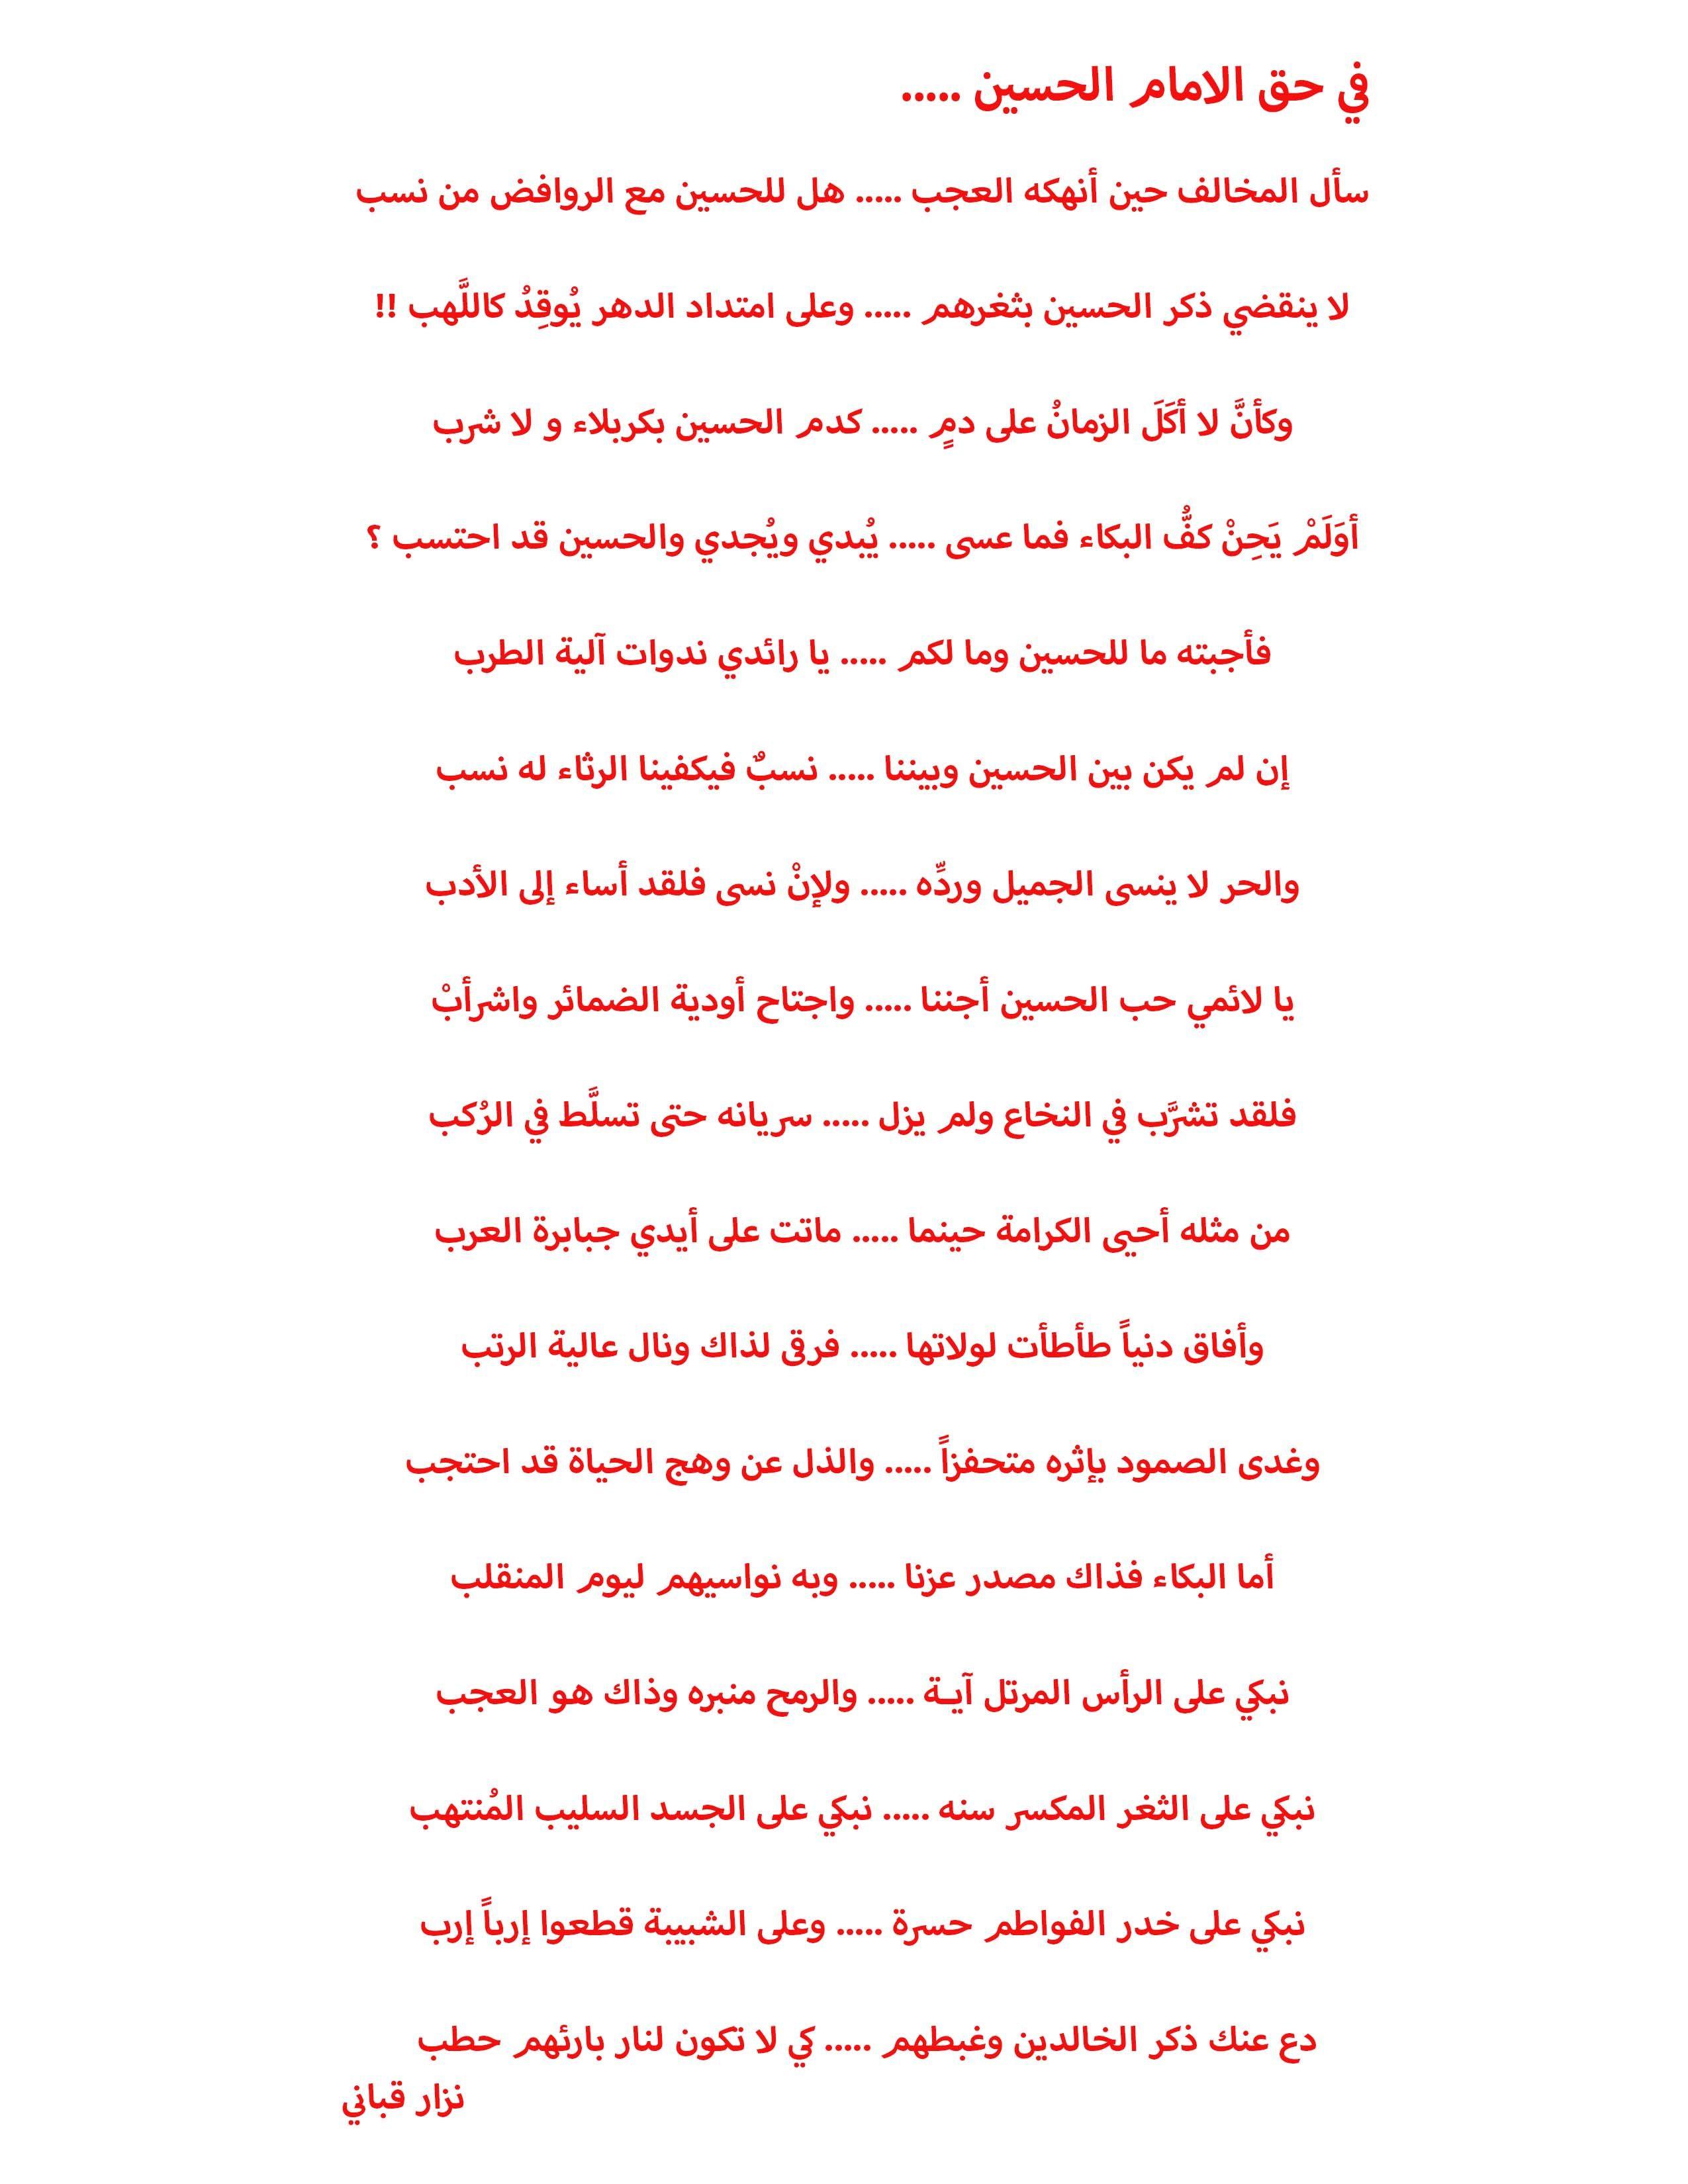 نزار قباني Arabic Quotes Quotes Poems